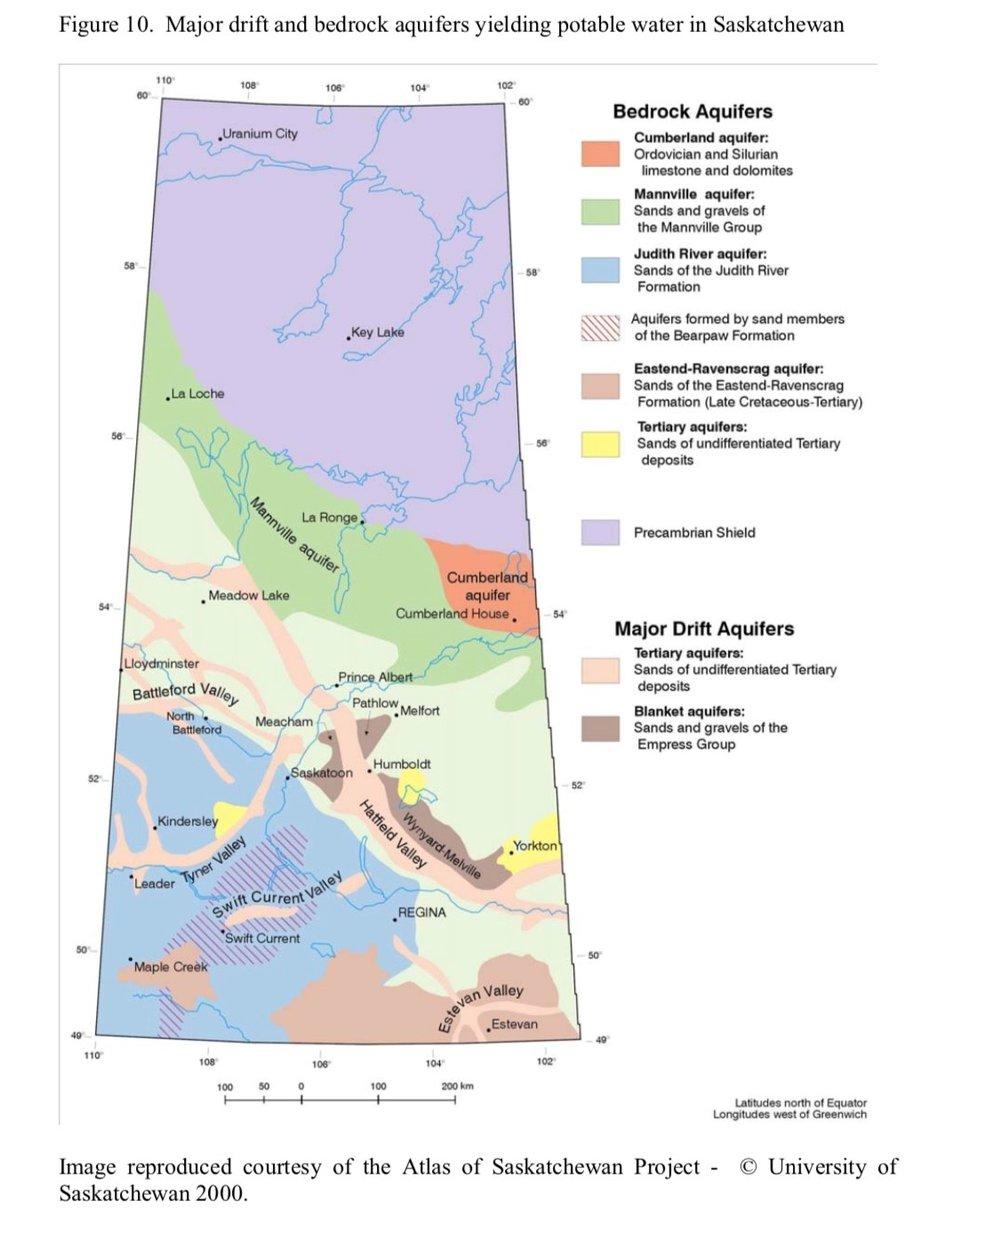 Water Well Drilling Saskatchewan | Wolverine Drilling Inc. | Registered Water Well Drilling Company Saskatchewan | Registered Water Well Drillers Saskatchewan | Registered Water Well Drillers Saskatoon | Registered Water Well Drillers Regina | Water Well Drilling Cost Saskatchewan